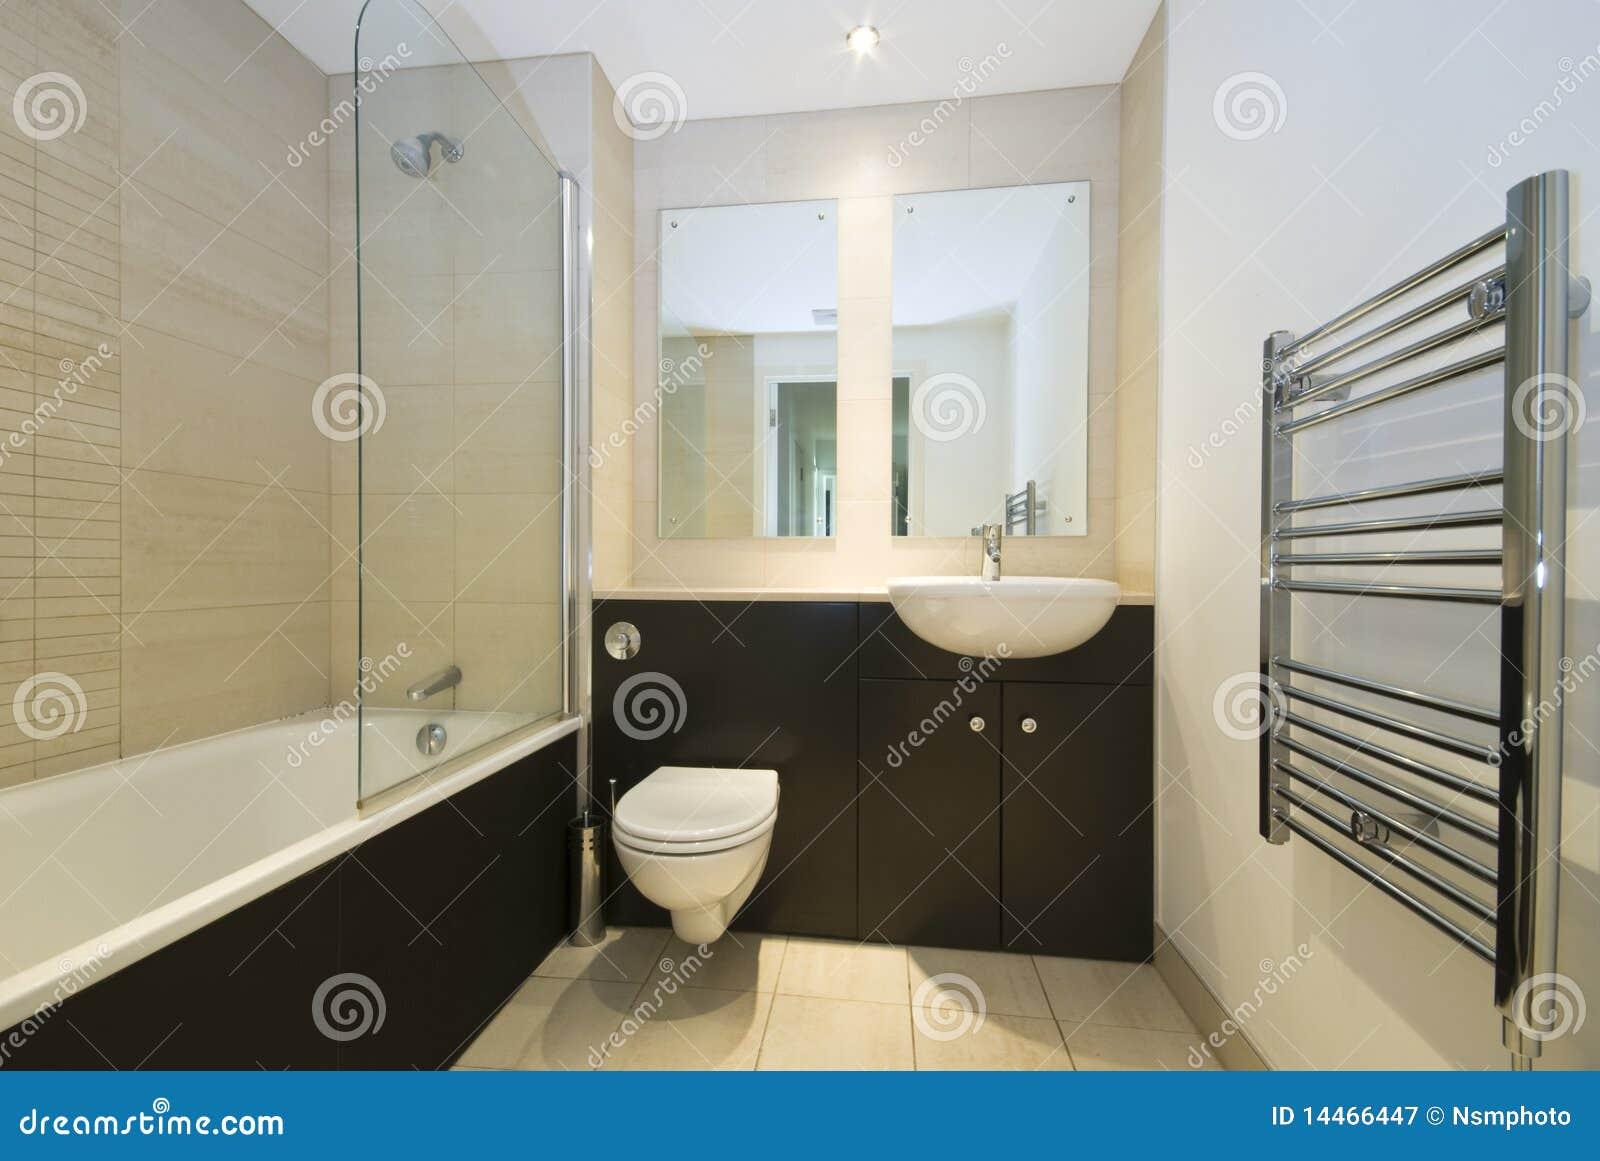 cuba de banho bacia de lavagem e toalete na cor bege e marrom #82A229 1300x960 Banheiro Bege E Marrom